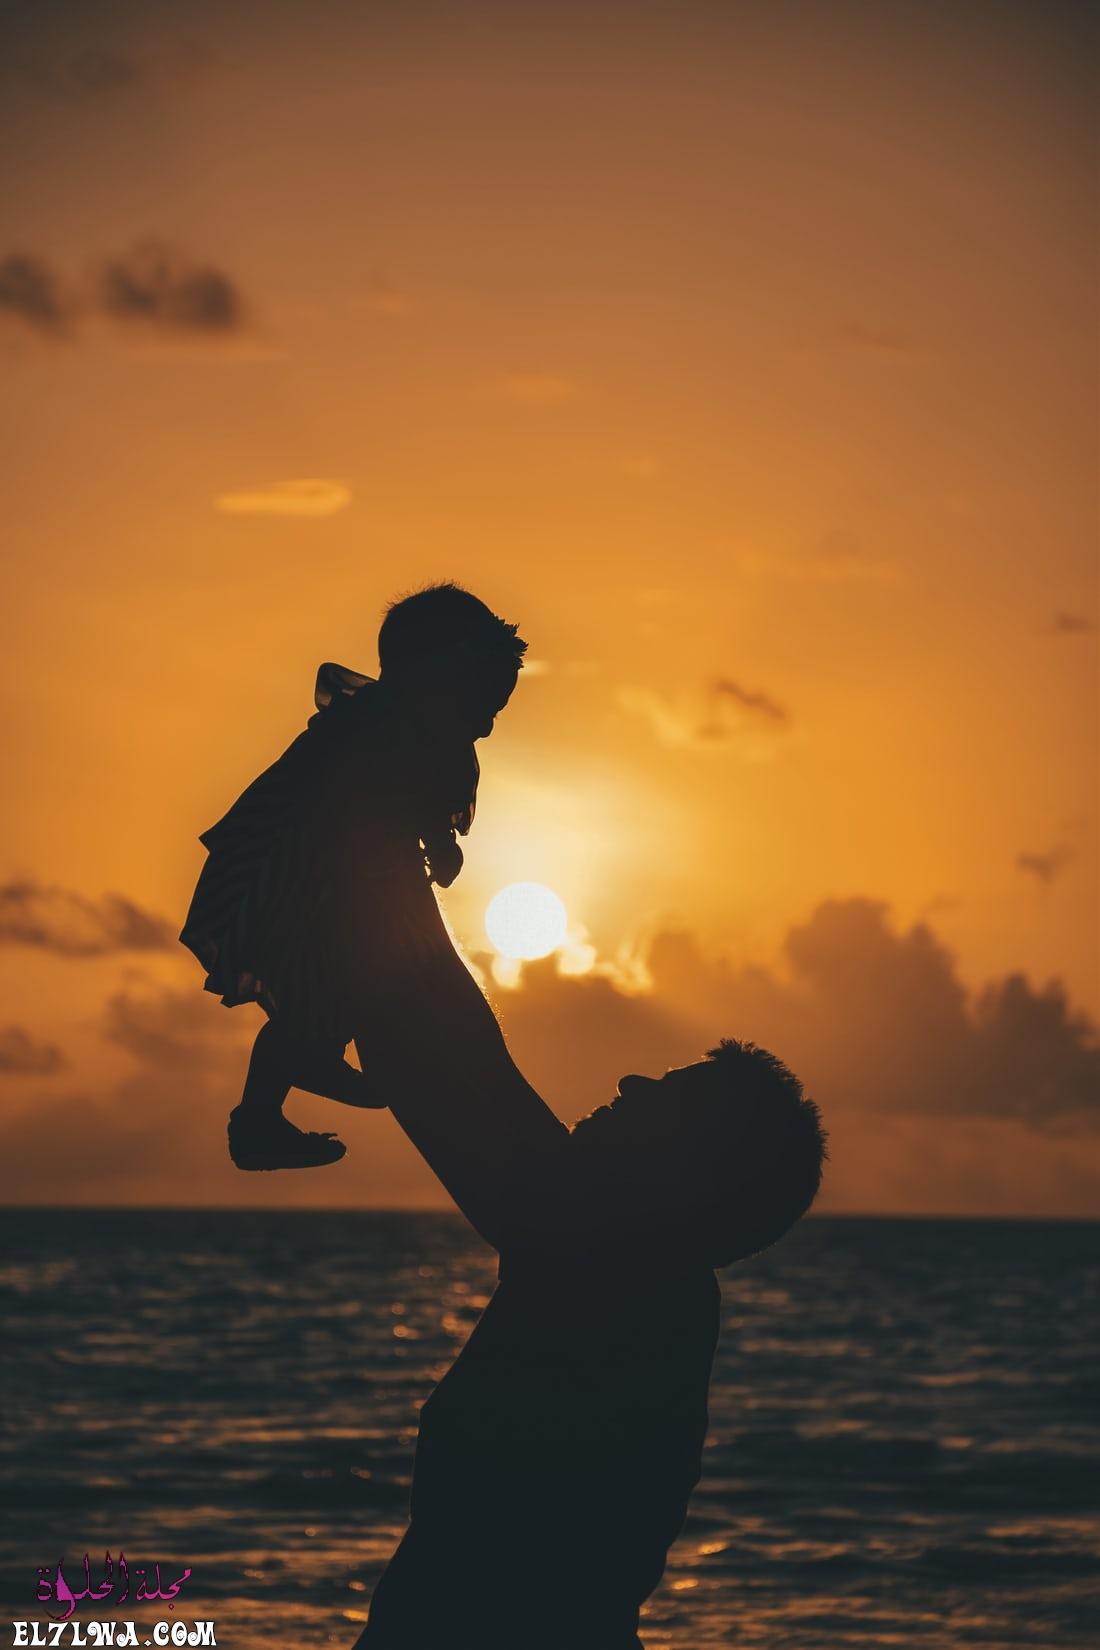 صور تعبر عن حنان الأب